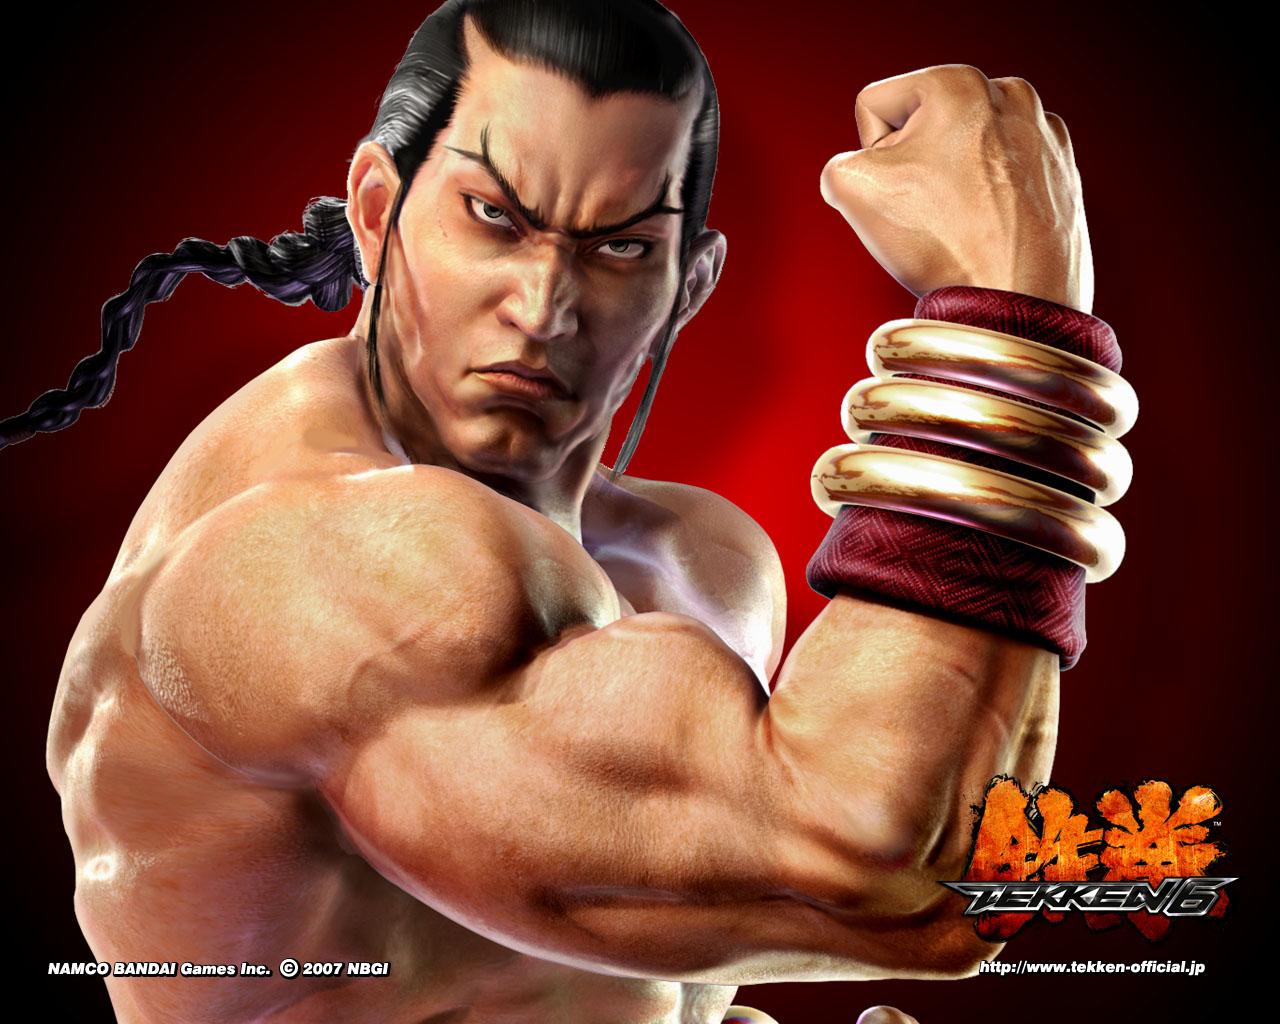 Pc Game Tekken 6 Wallpapers Of 1280x1024